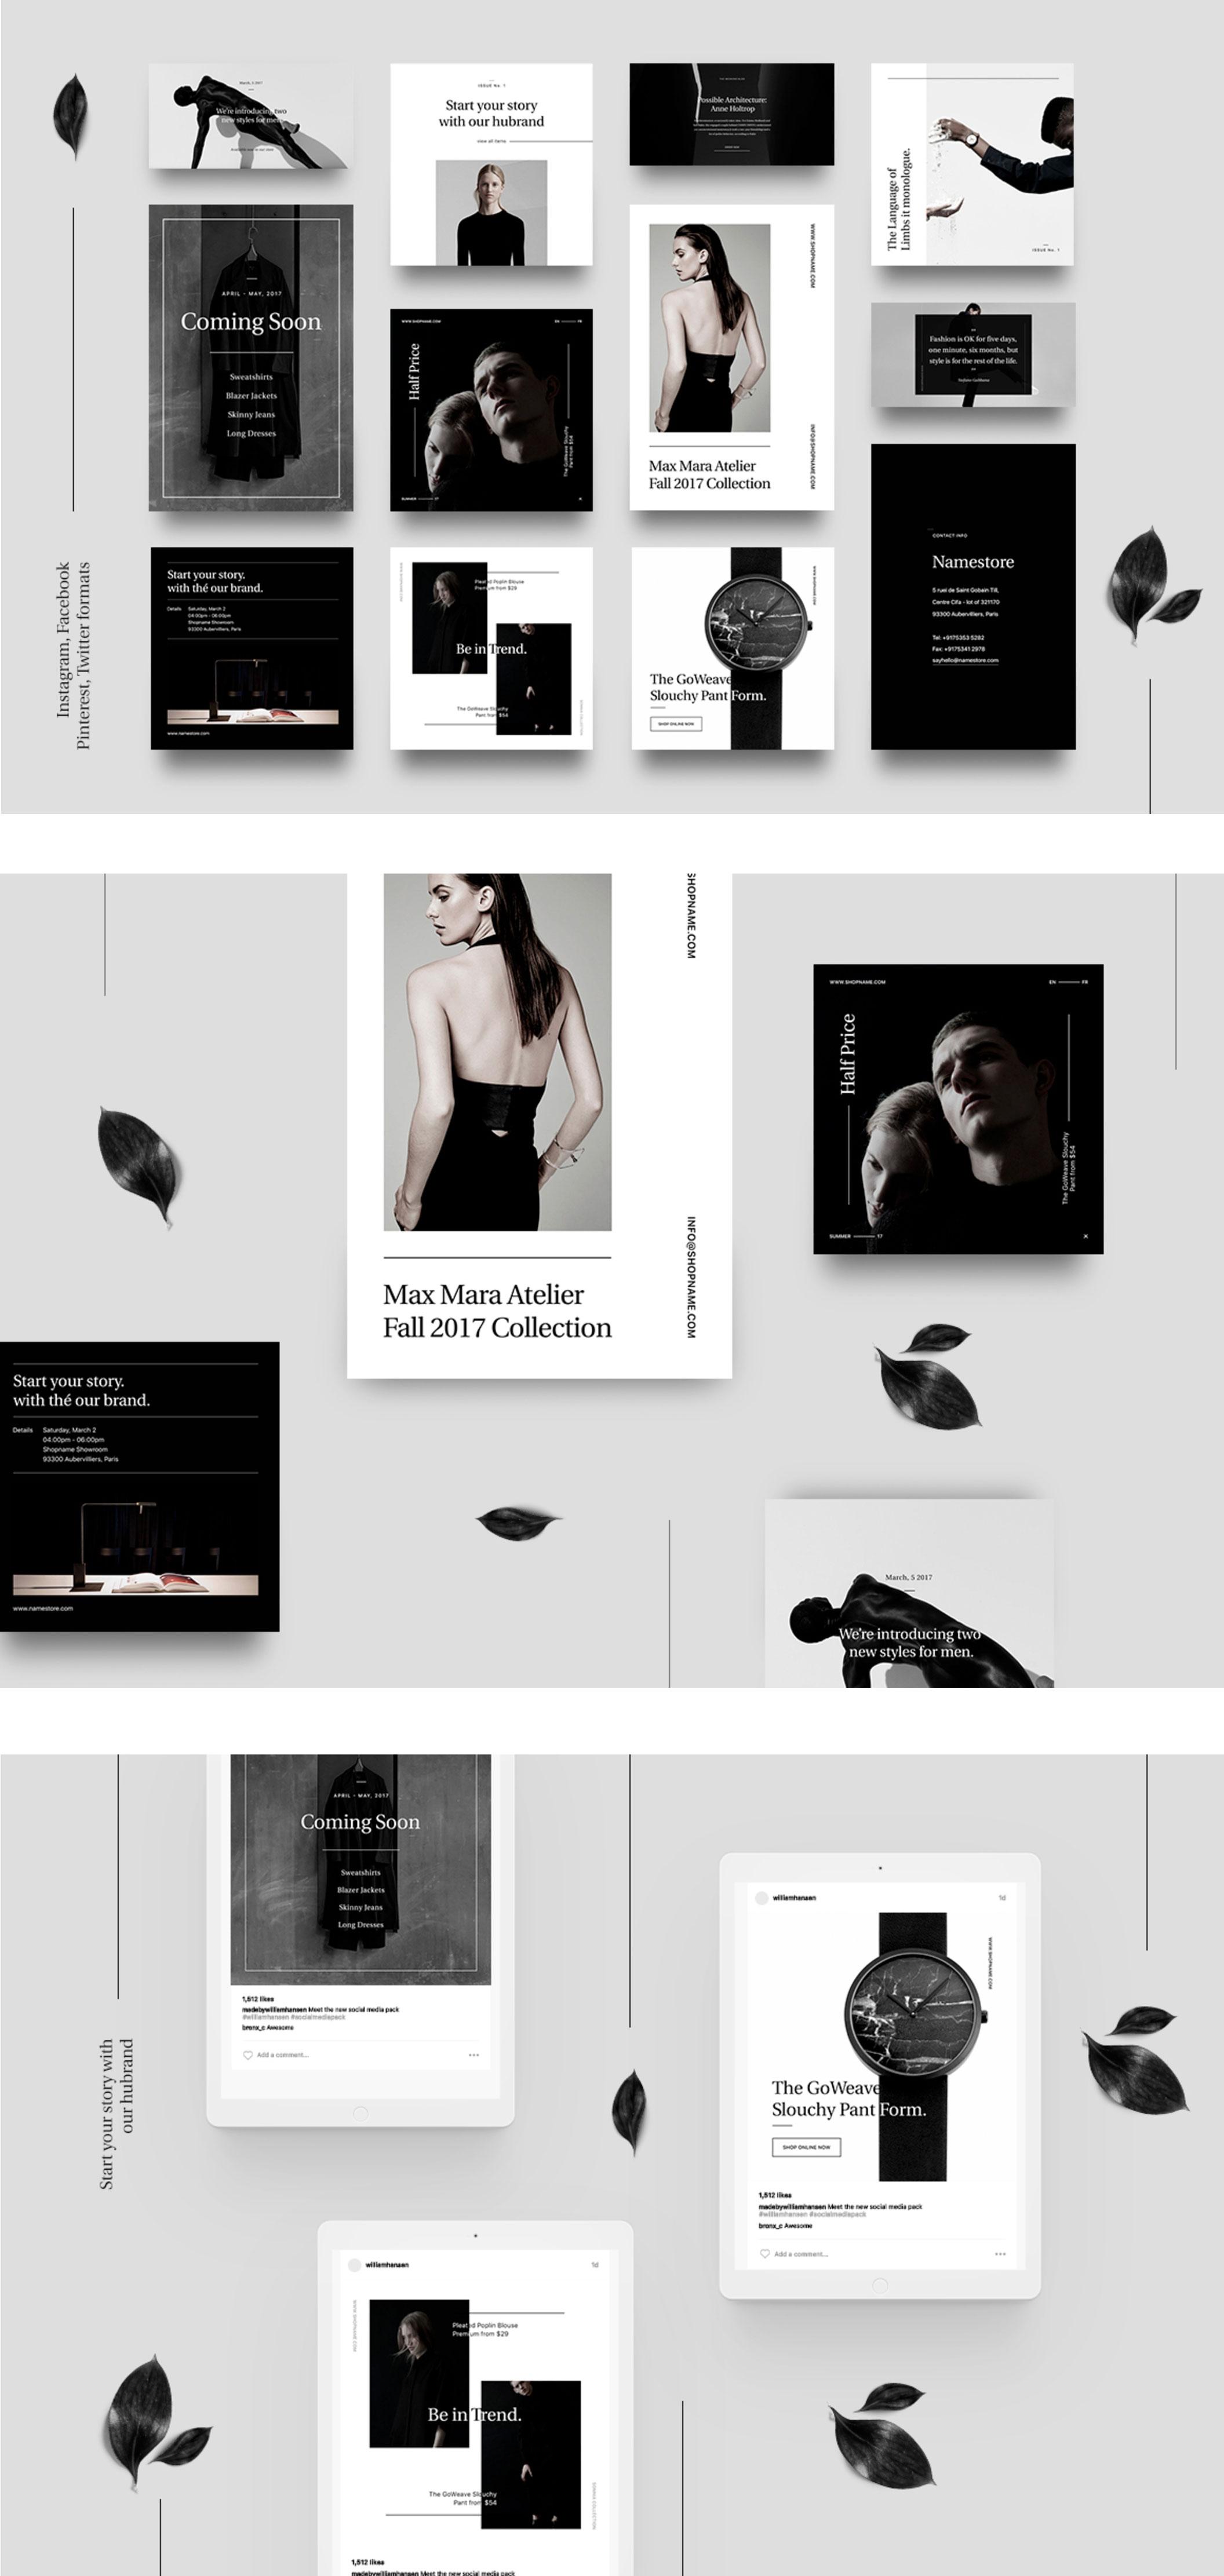 高端黑白色的社交网络广告设计模版下载[PSD]